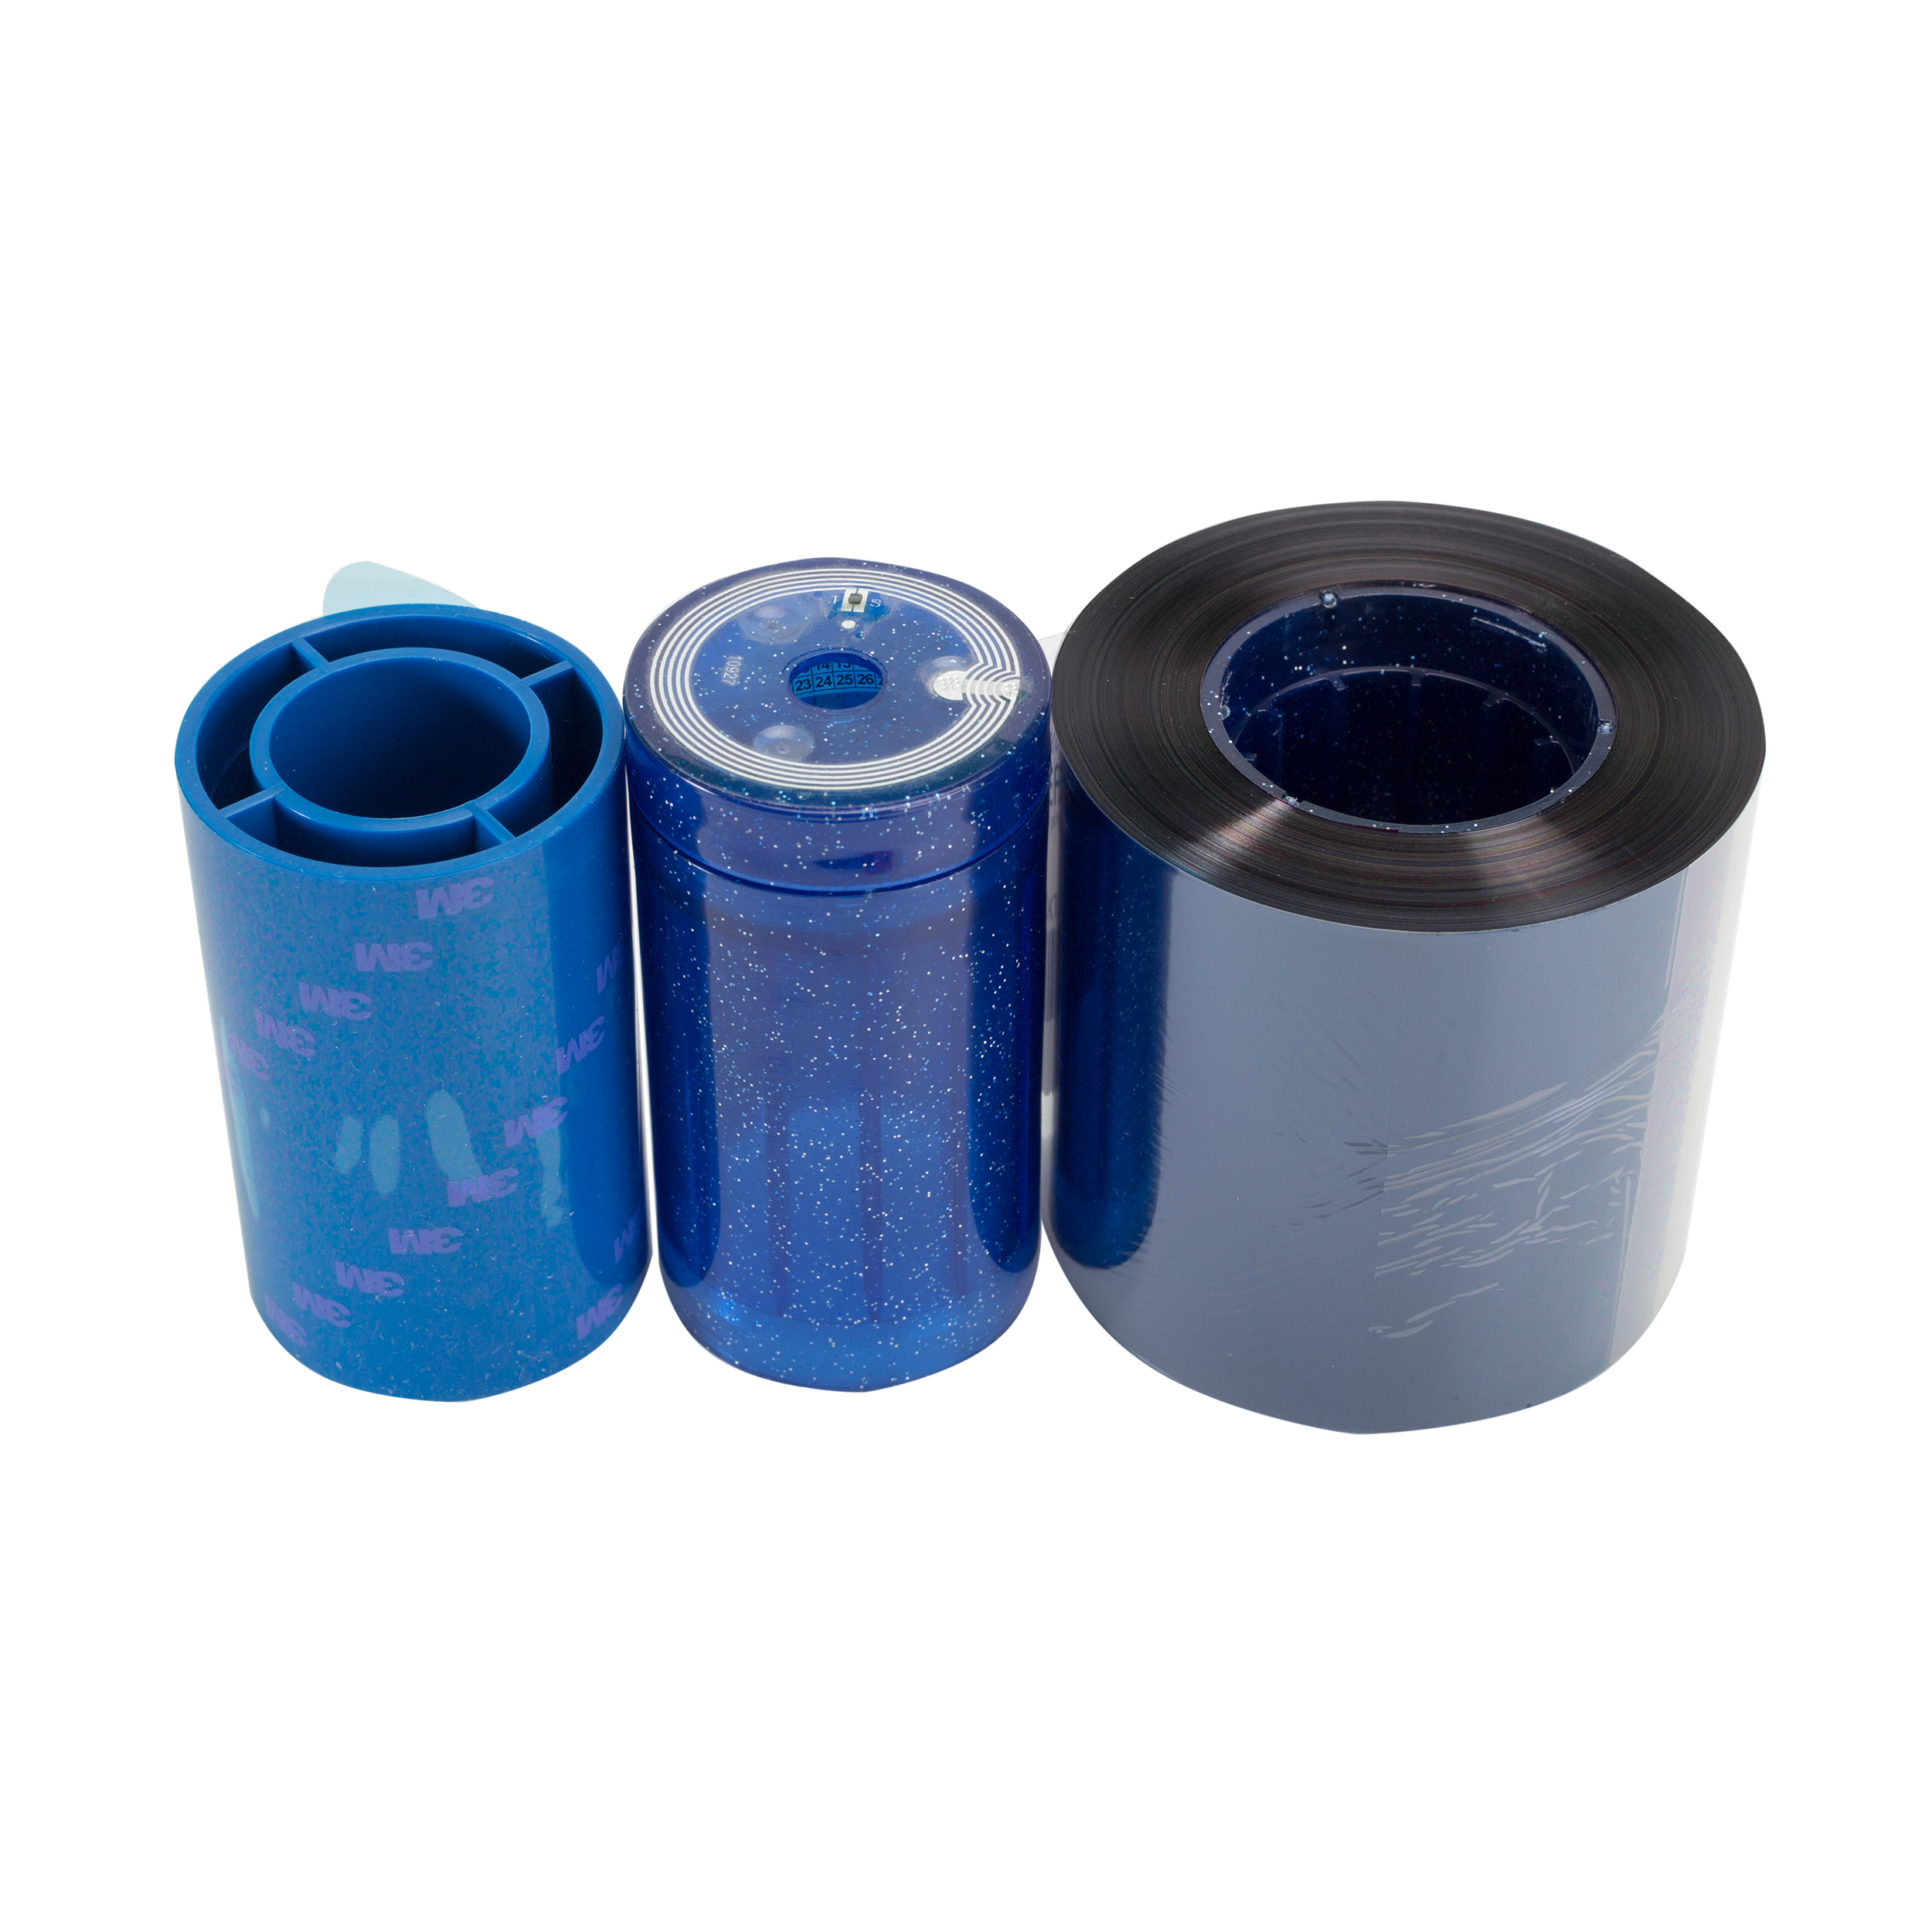 Кольорова стрічка сумісна з принтером Datacard 534000-002 YMCKT Compatible ribbon